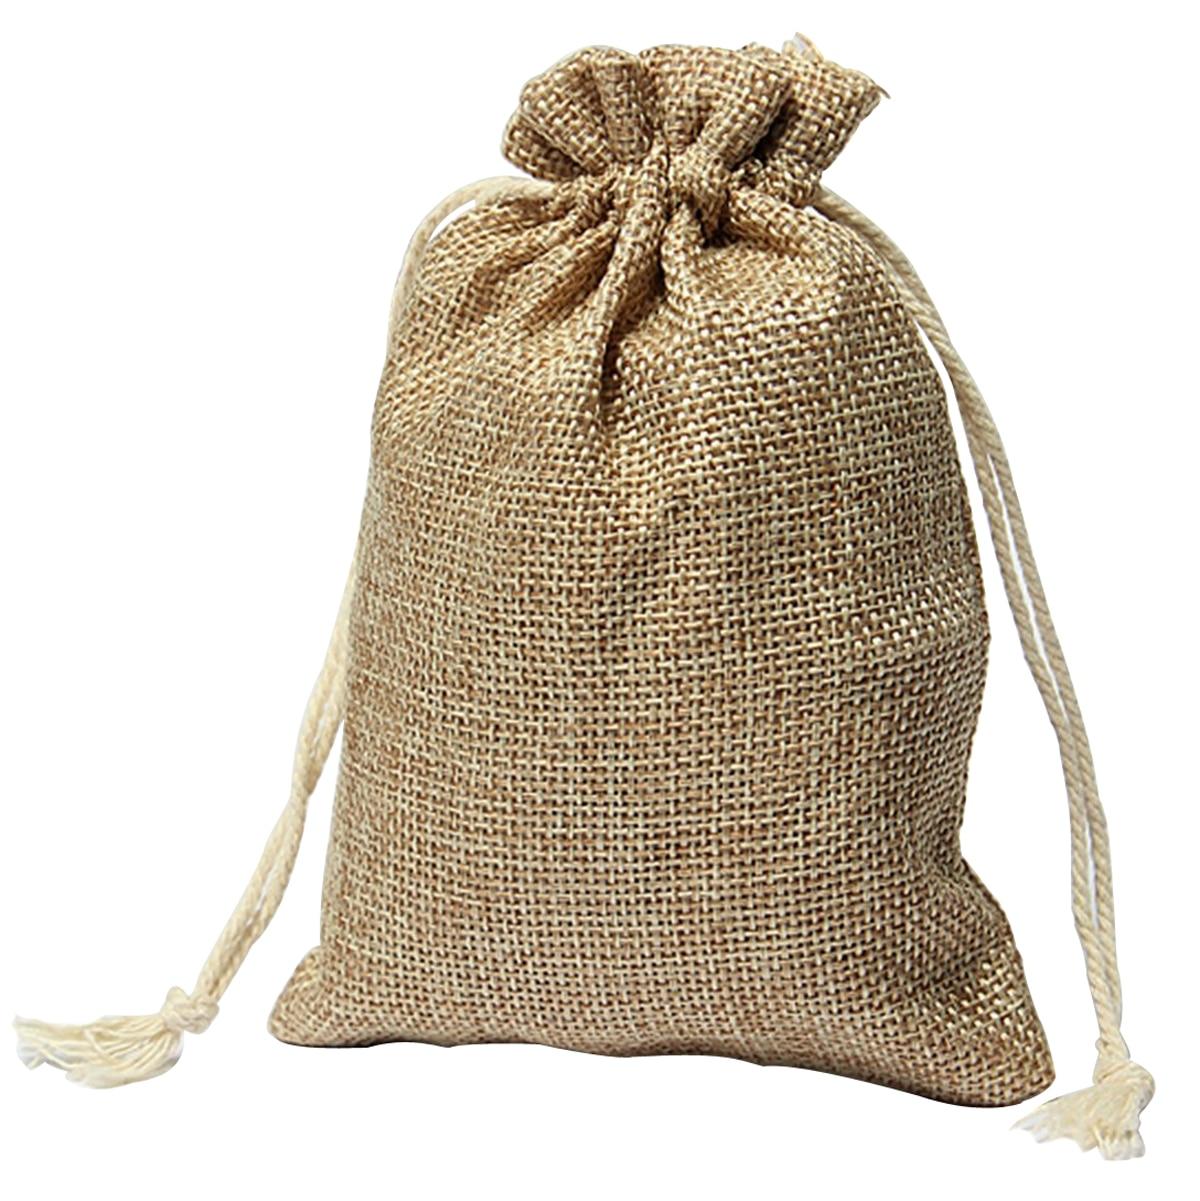 GSFY-Nuevo Sacos de yute de arpillera Vintage bodas Favor cordones ajustables bolsas de regalo de Navidad 10*15cm